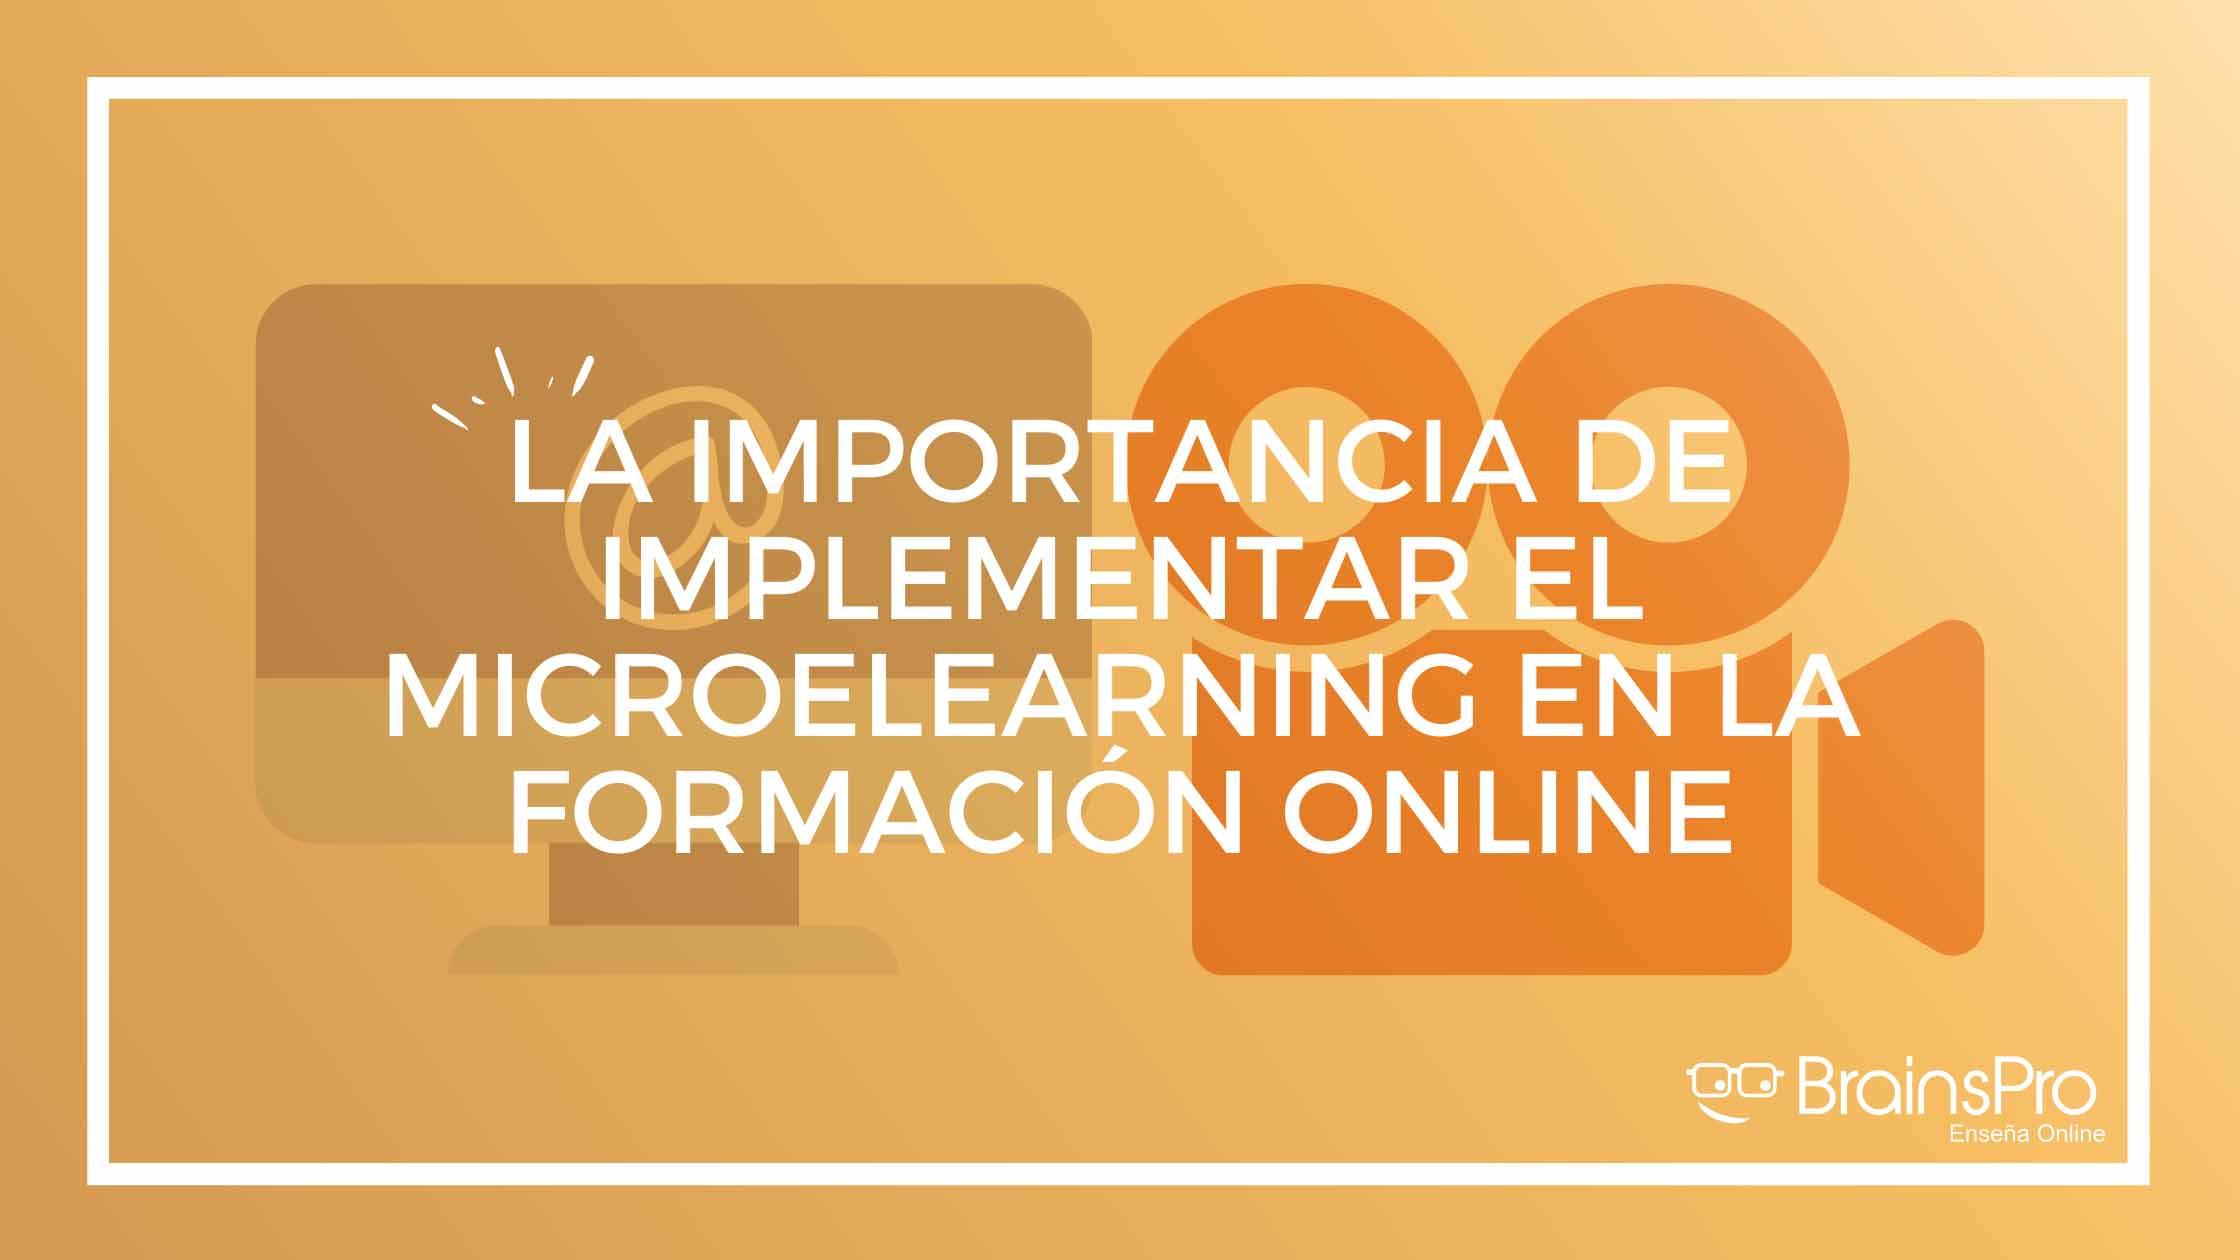 La importancia de implementar el microlearning en la formación online